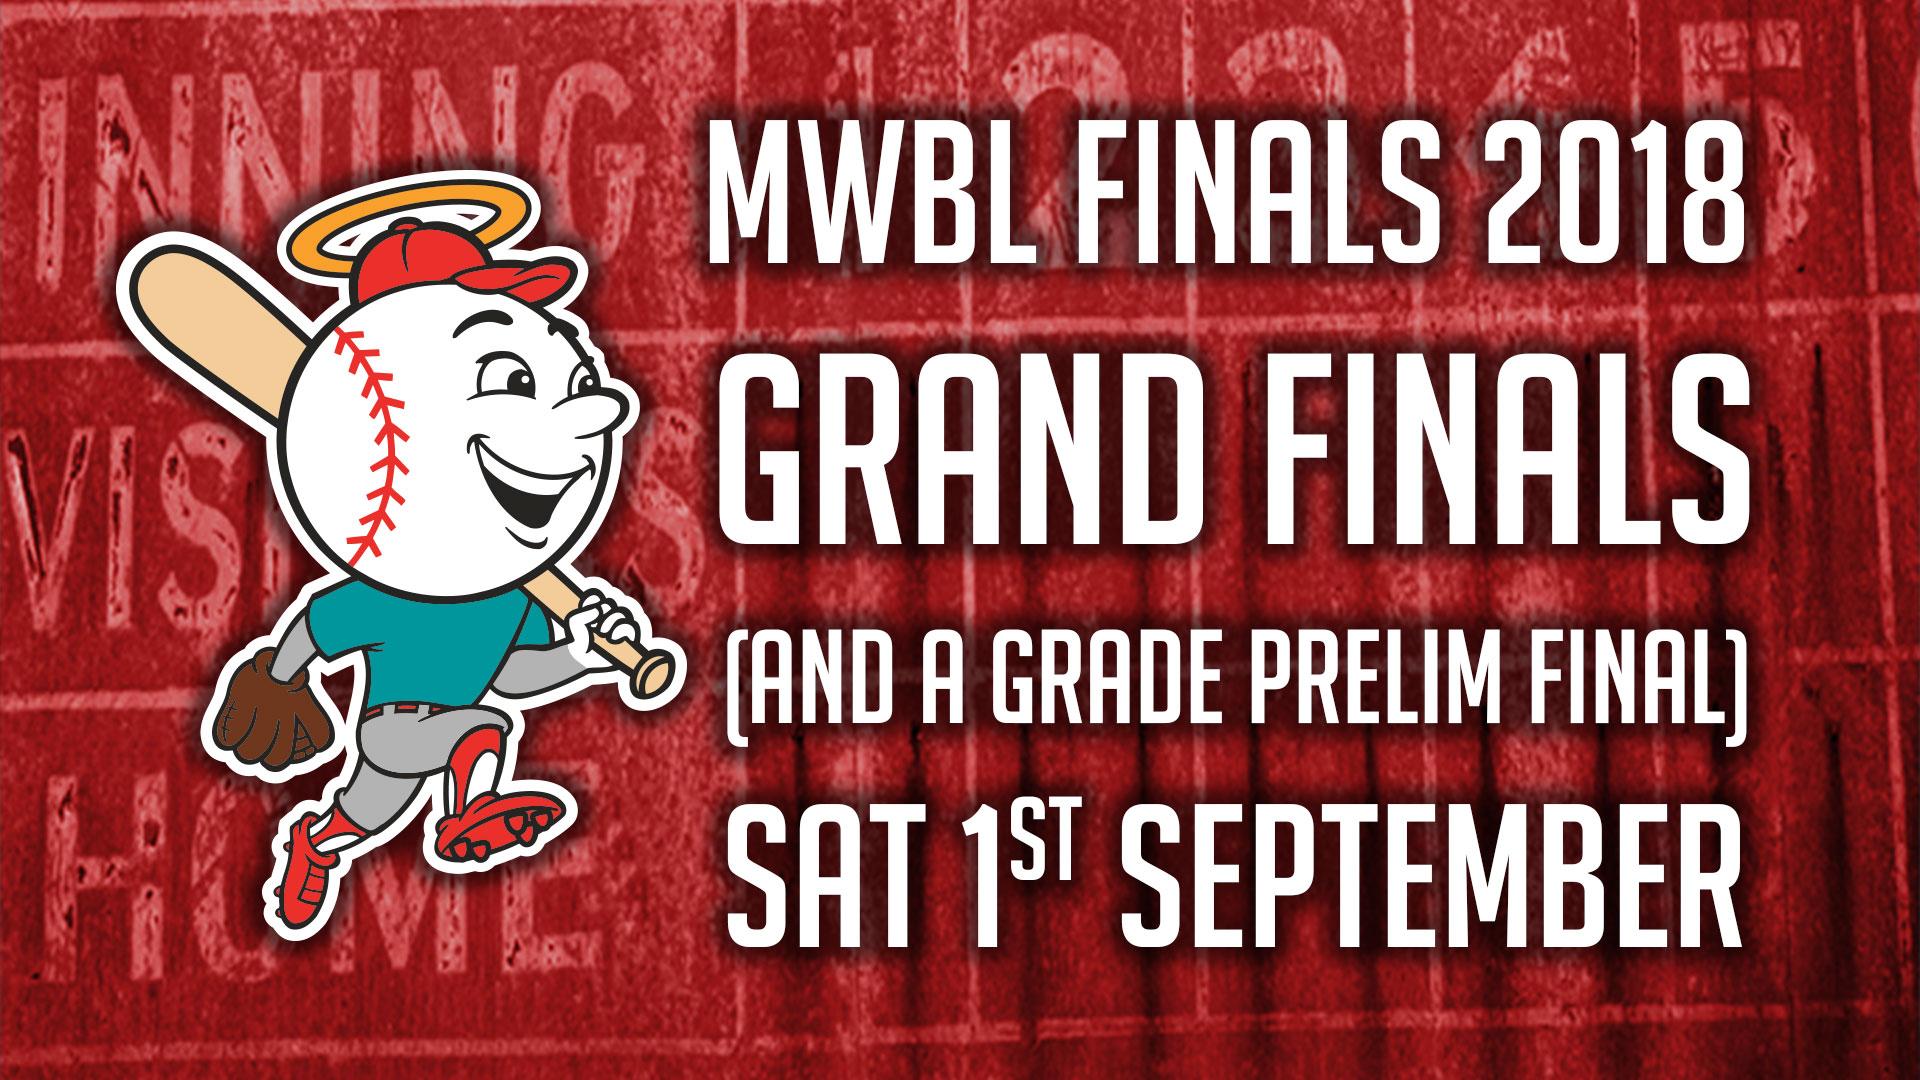 Finals Information: 1st September